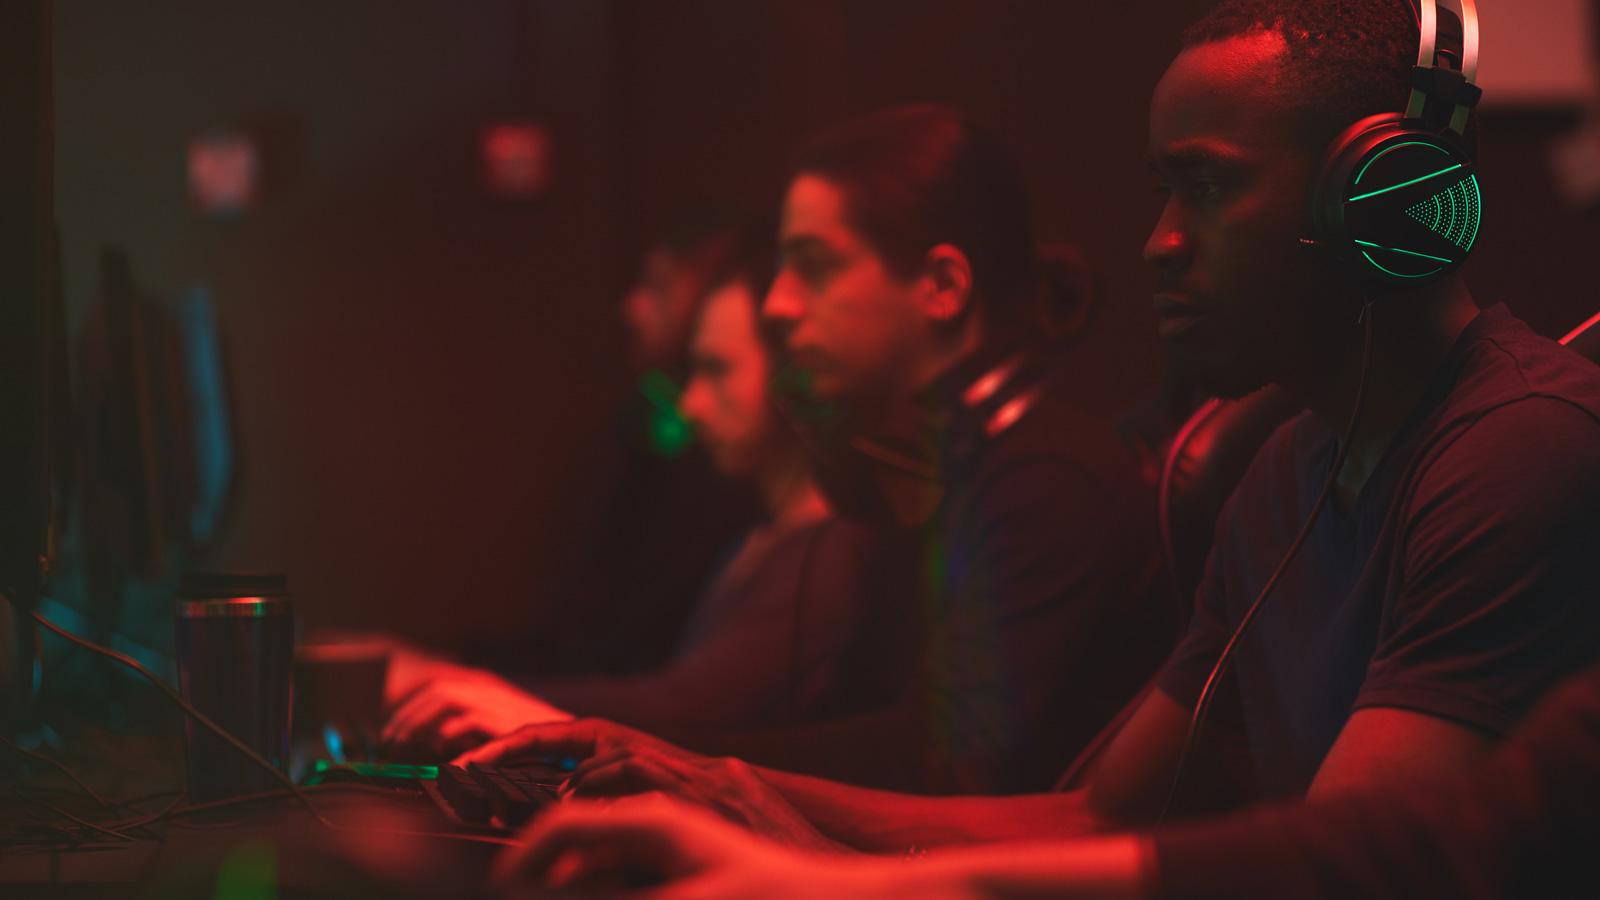 Nowa marka wchodzi do świata gamingu Kampania mediarun gaming komputery 2020